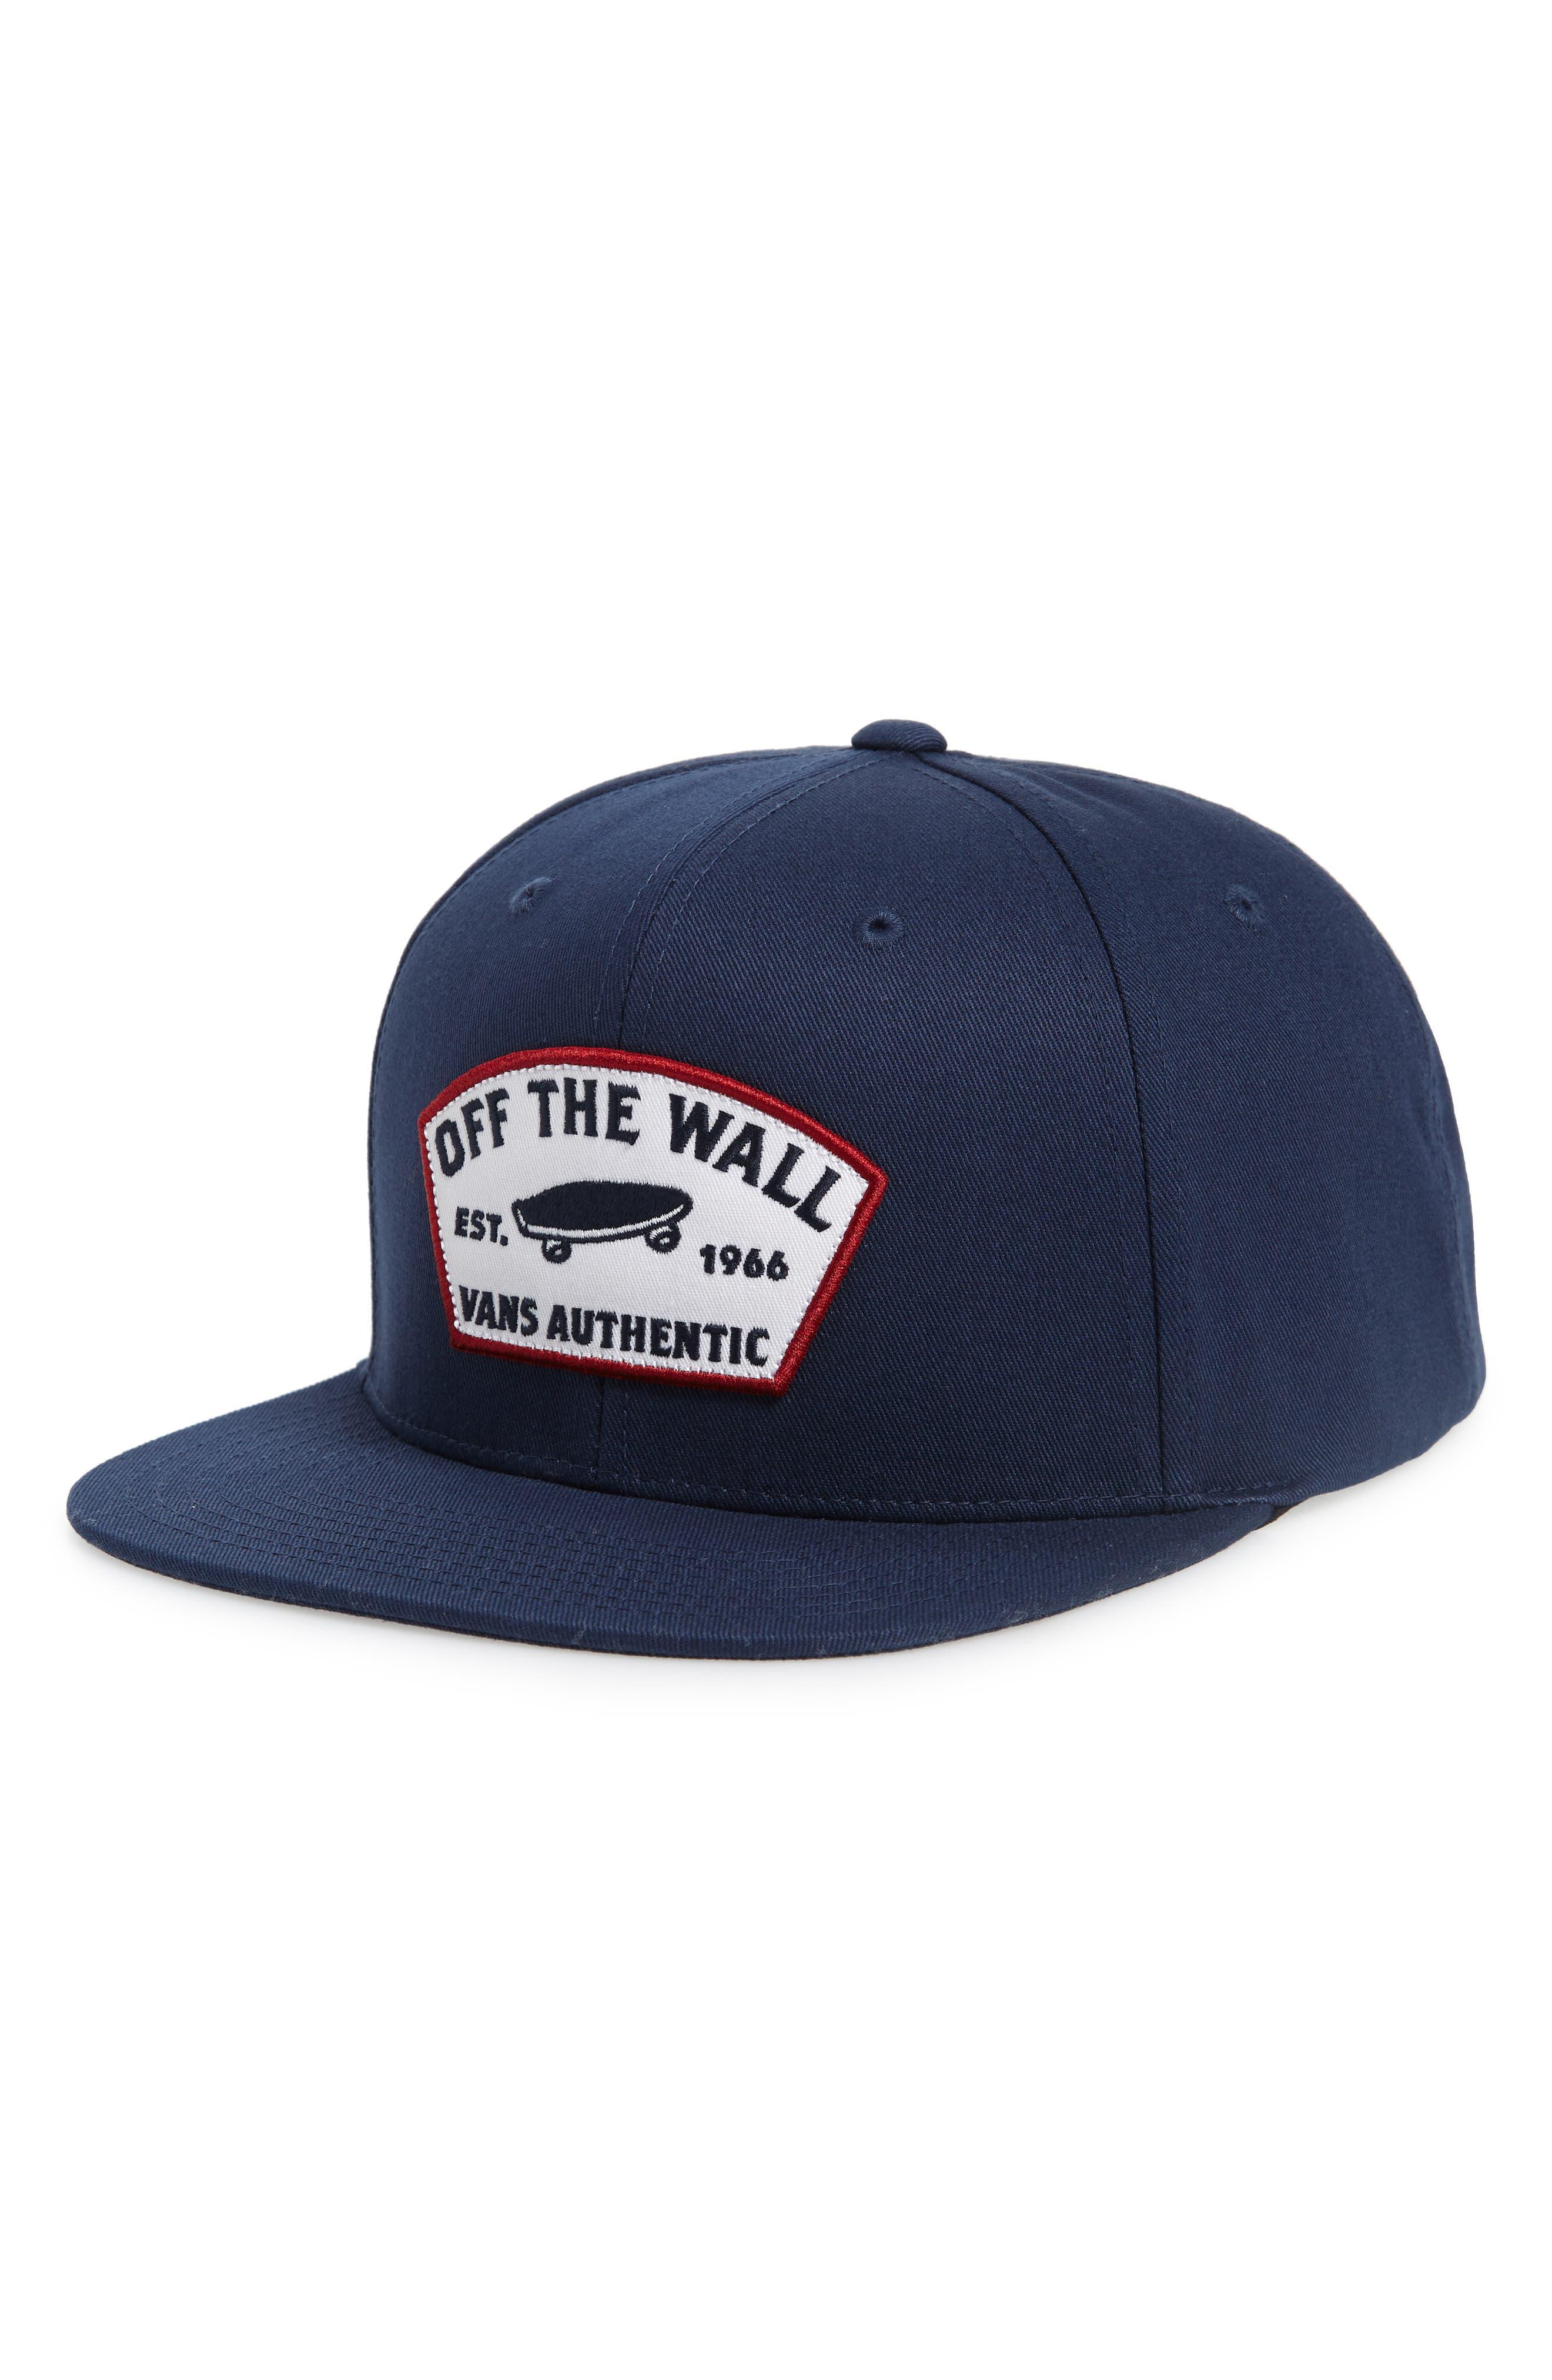 80e2c53a2c7e7 Vans Men s Hats Shoes   Fashion